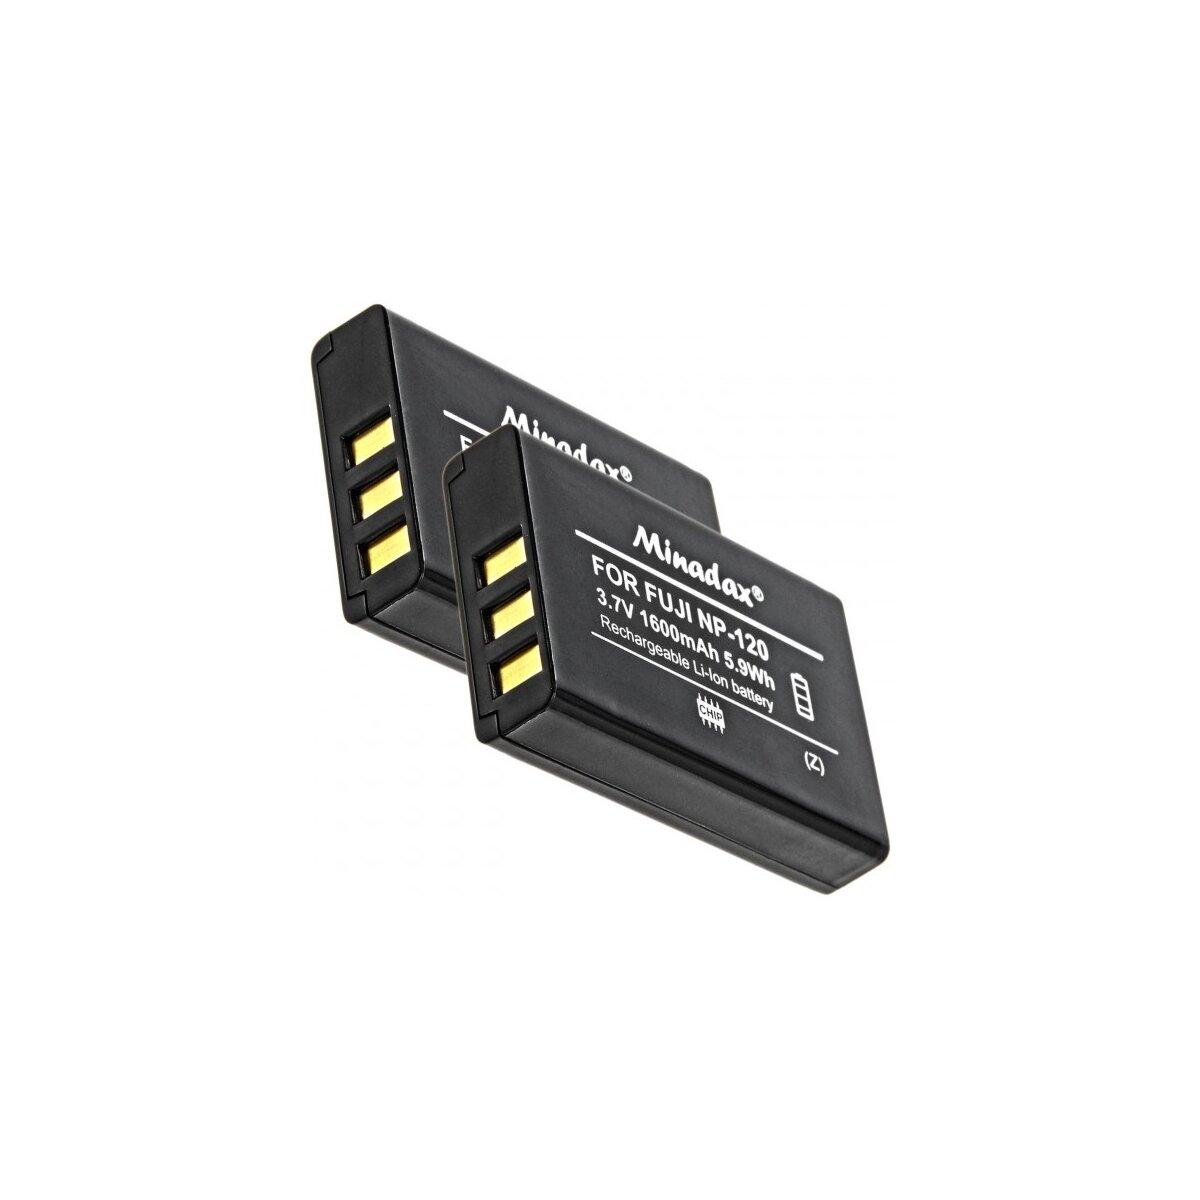 2x Minadax® Qualitaetsakku mit echten 1600 mAh fuer FujiFilm FinePix 603, F10, F11, M603, wie NP-120 - Intelligentes Akkusystem mit Chip